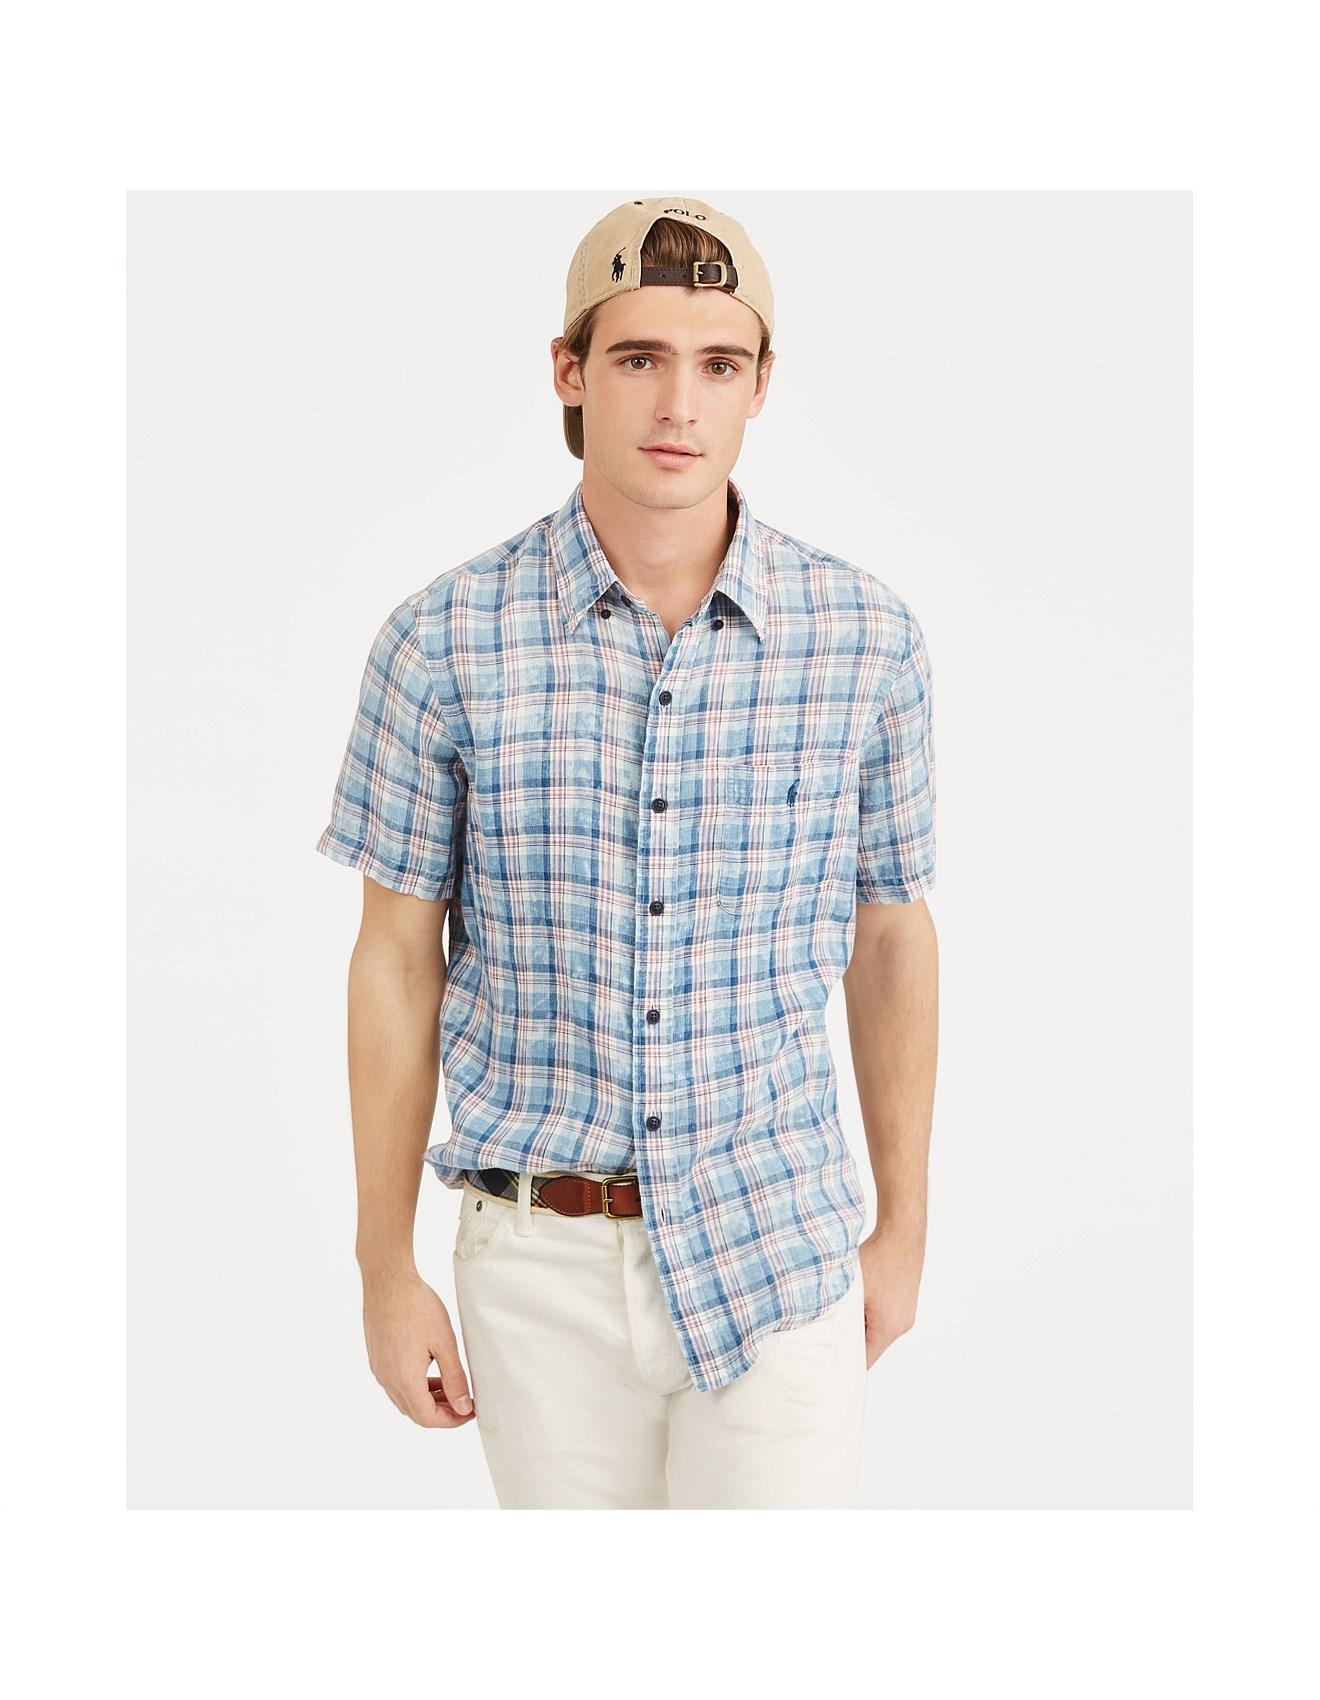 d2bdddbd Mens Classic Fit Plaid Linen Shirt